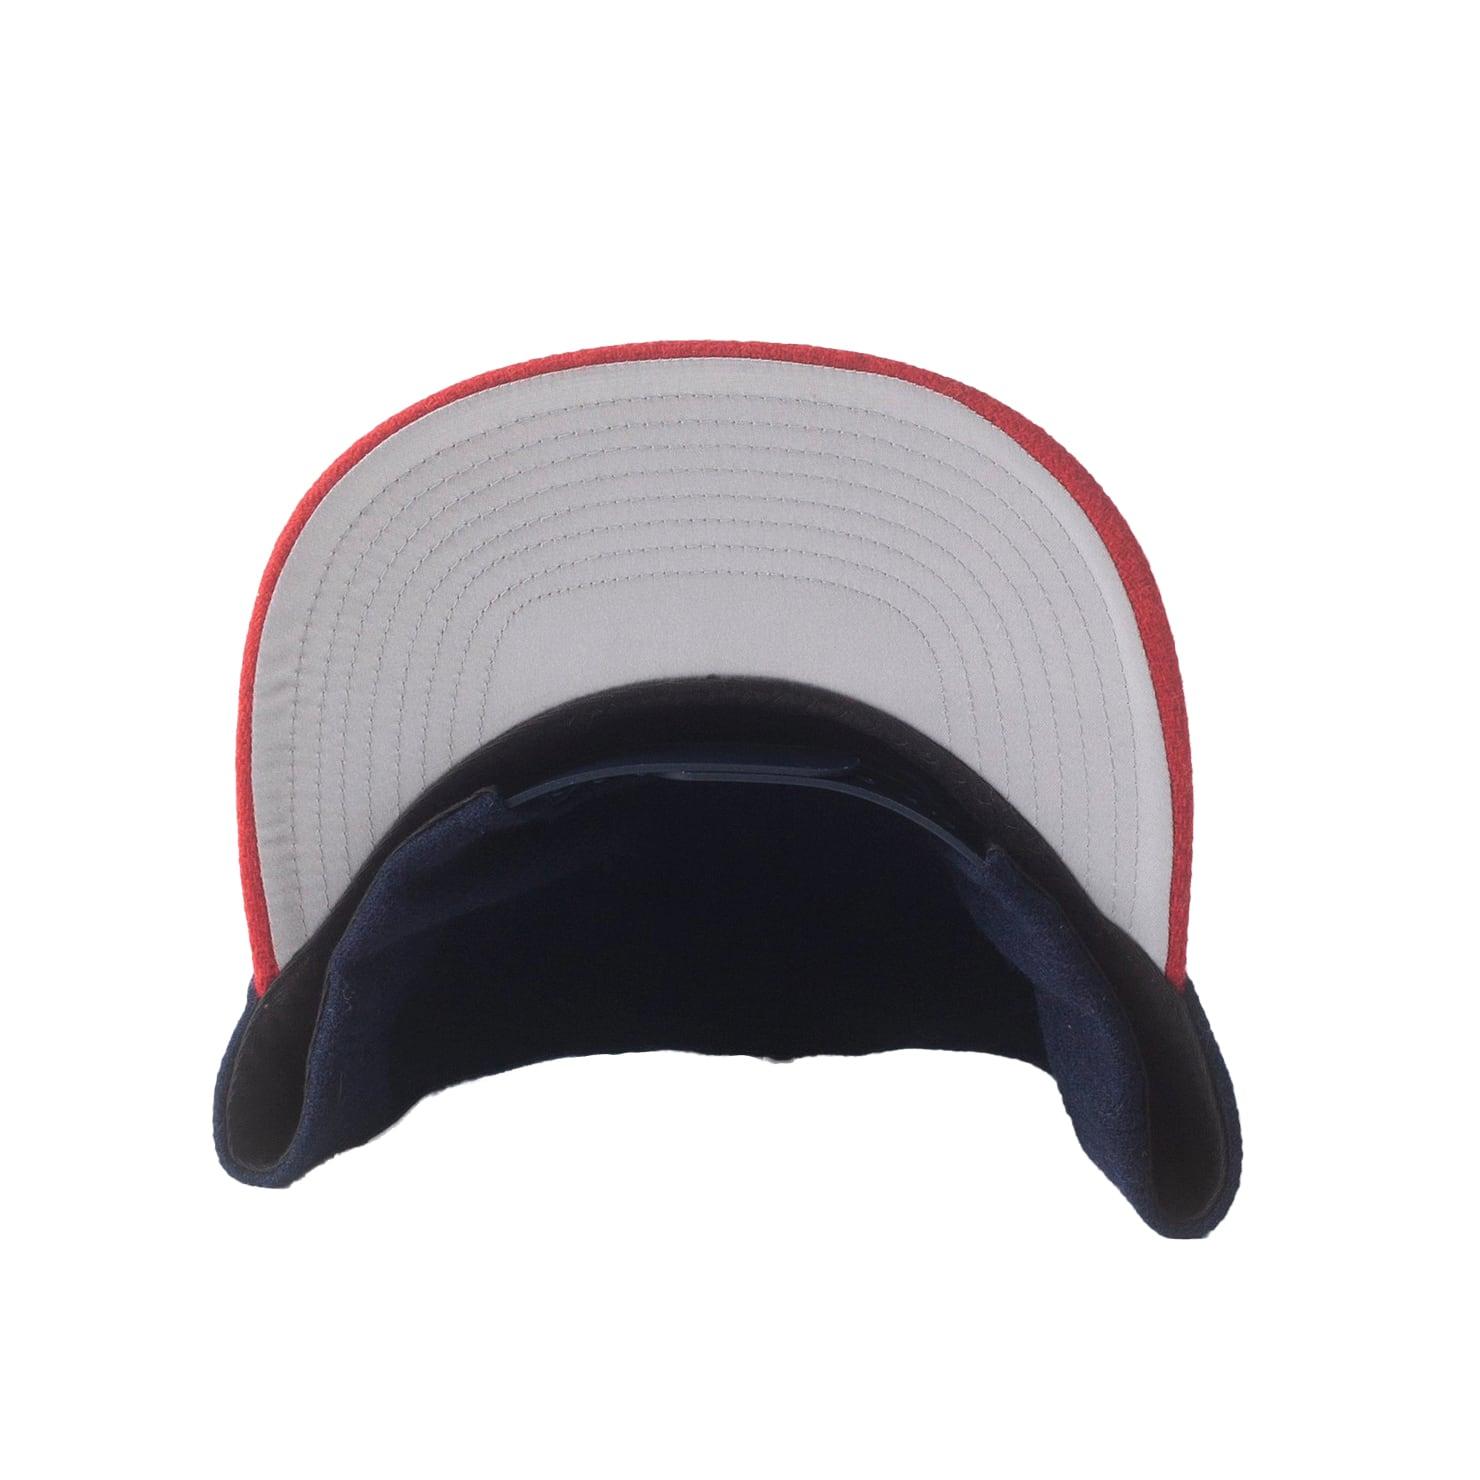 FRAVES BASEBALL CAP / NAVY RED - 画像4